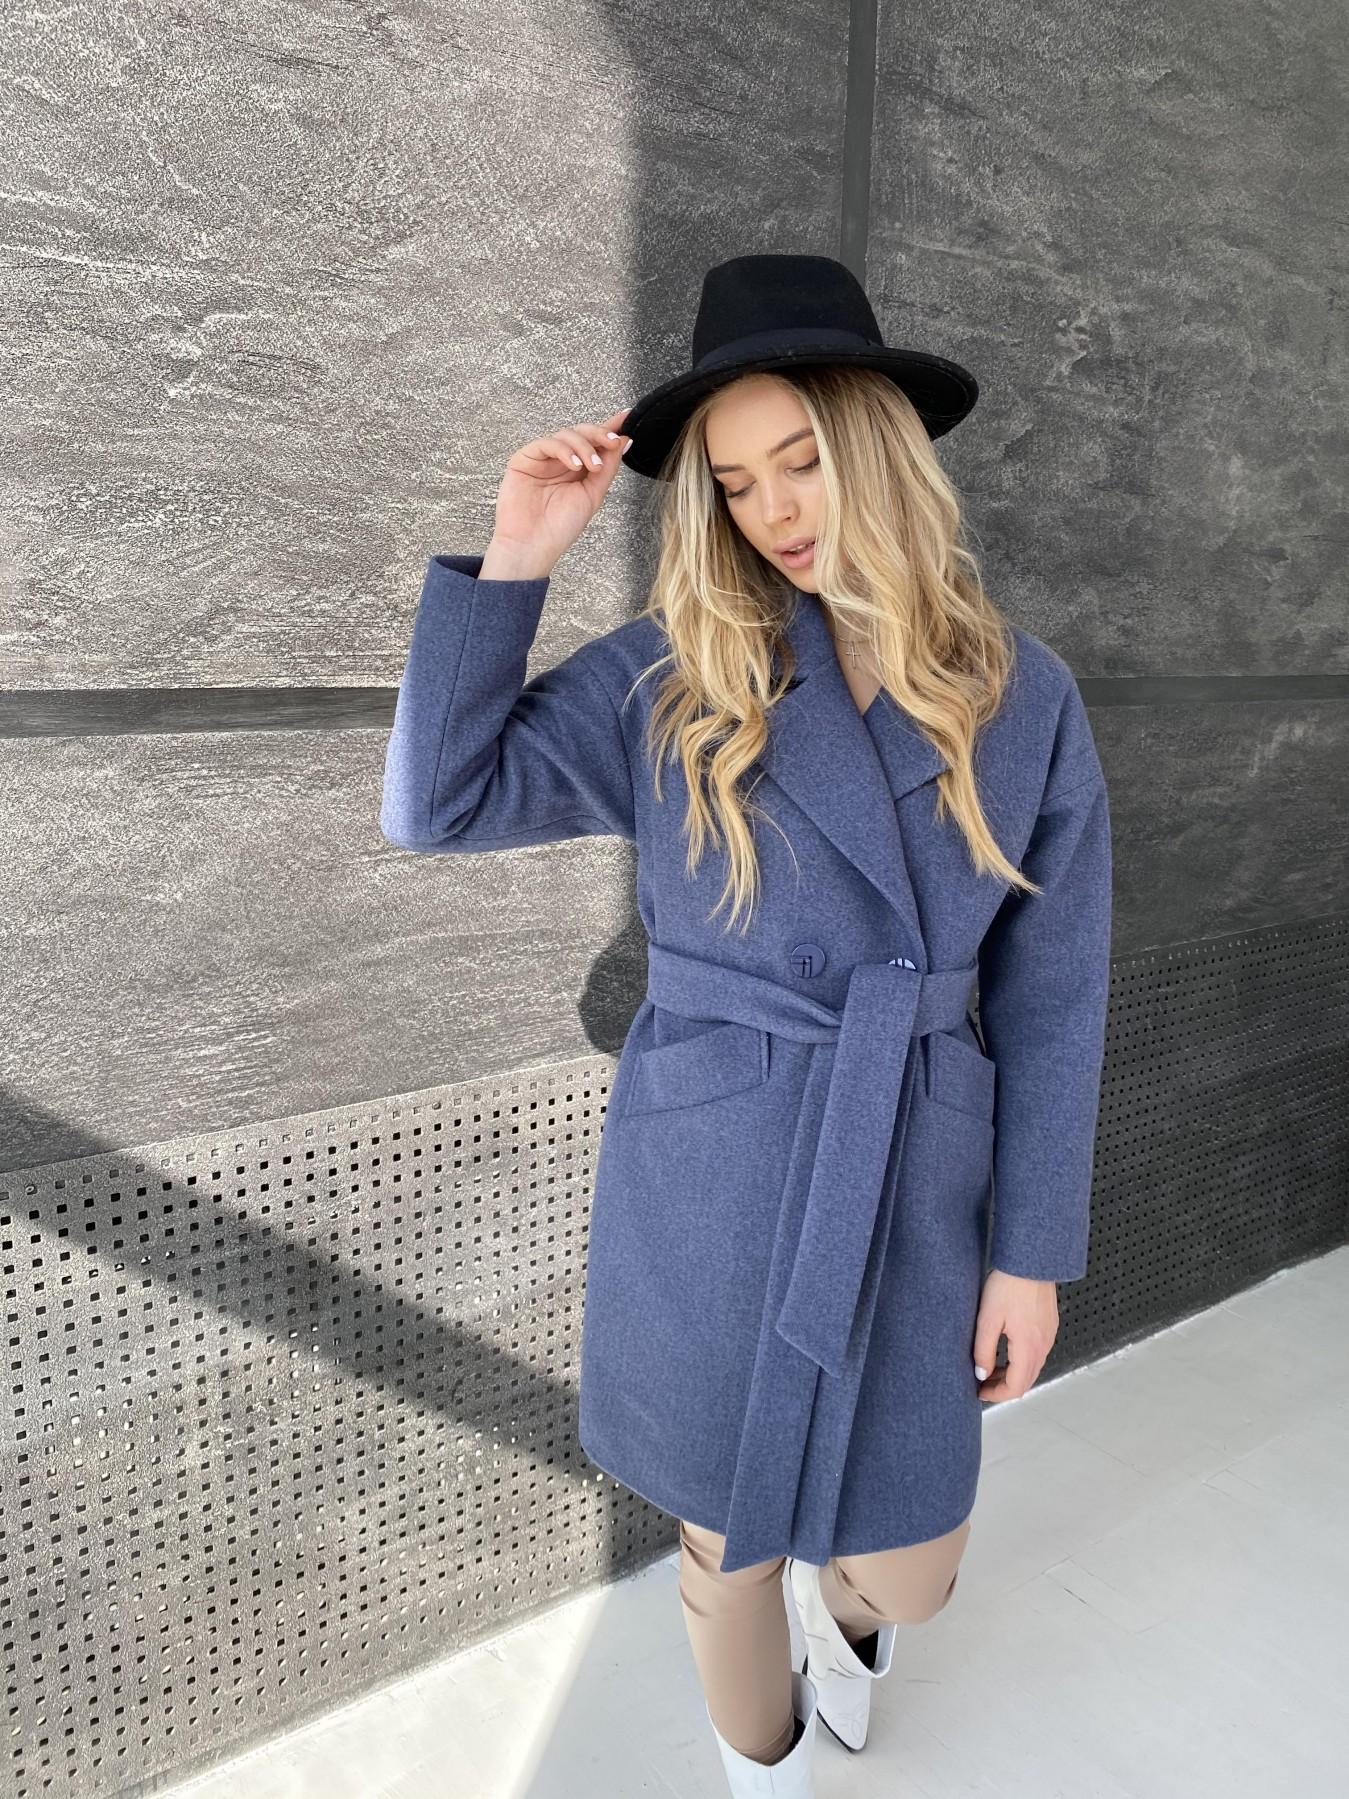 Сенсей пальто из кашемира меланж  10745 АРТ. 47228 Цвет: Джинс 57 - фото 5, интернет магазин tm-modus.ru